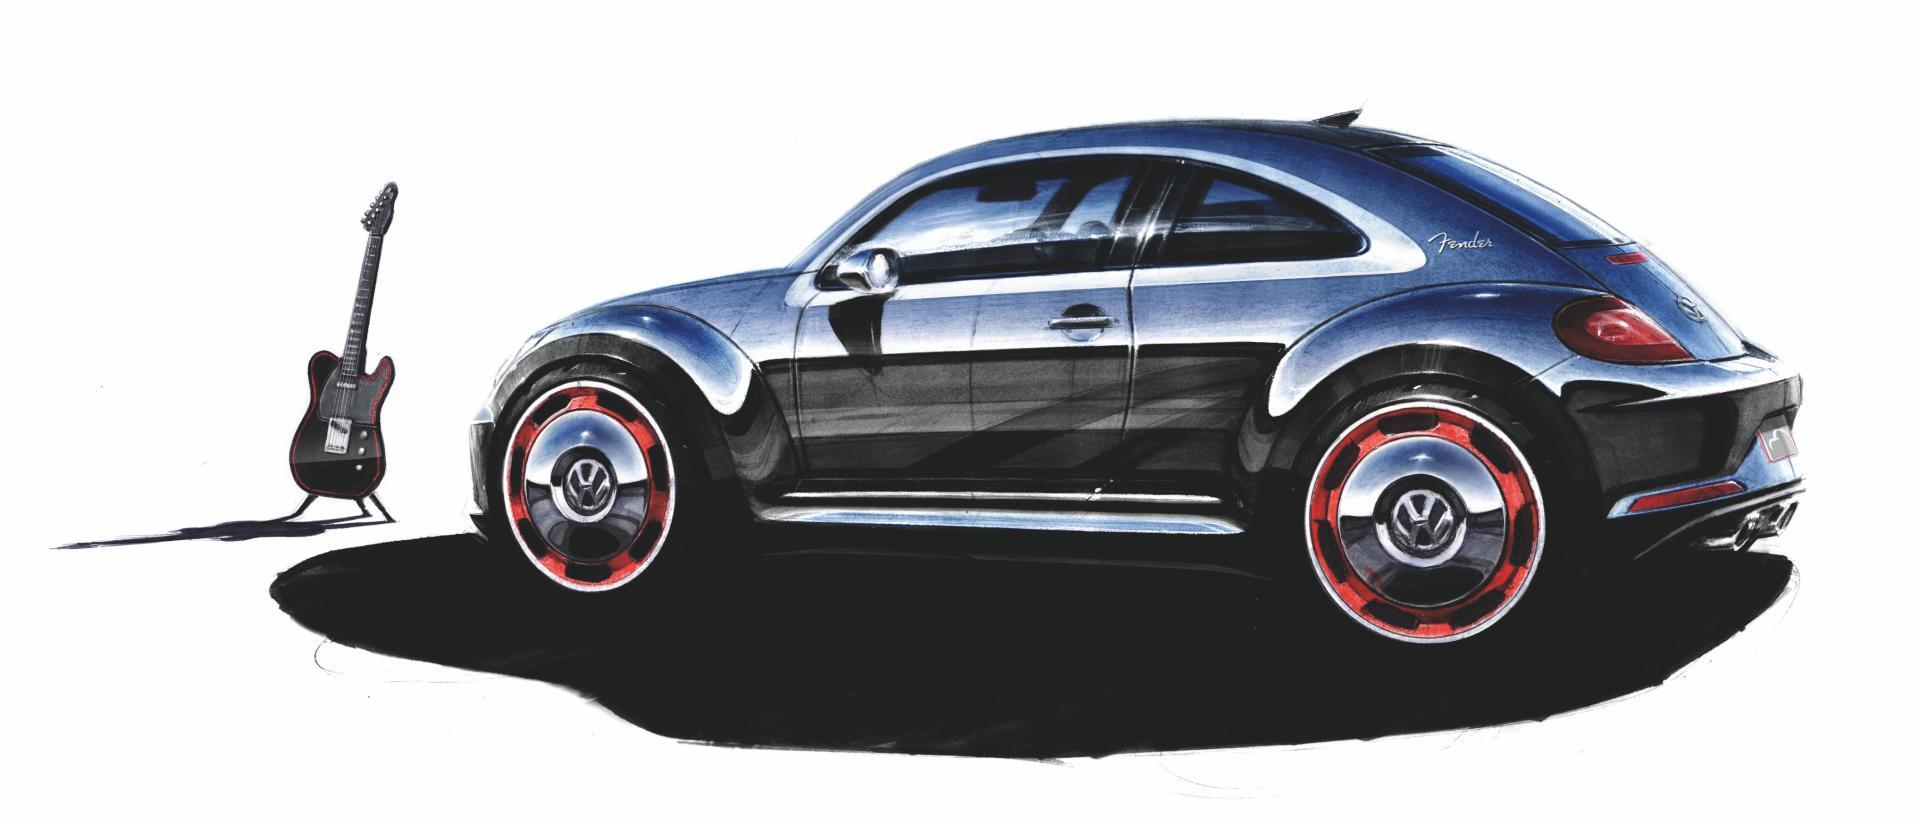 2012 Volkswagen Beetle Fender News and Information